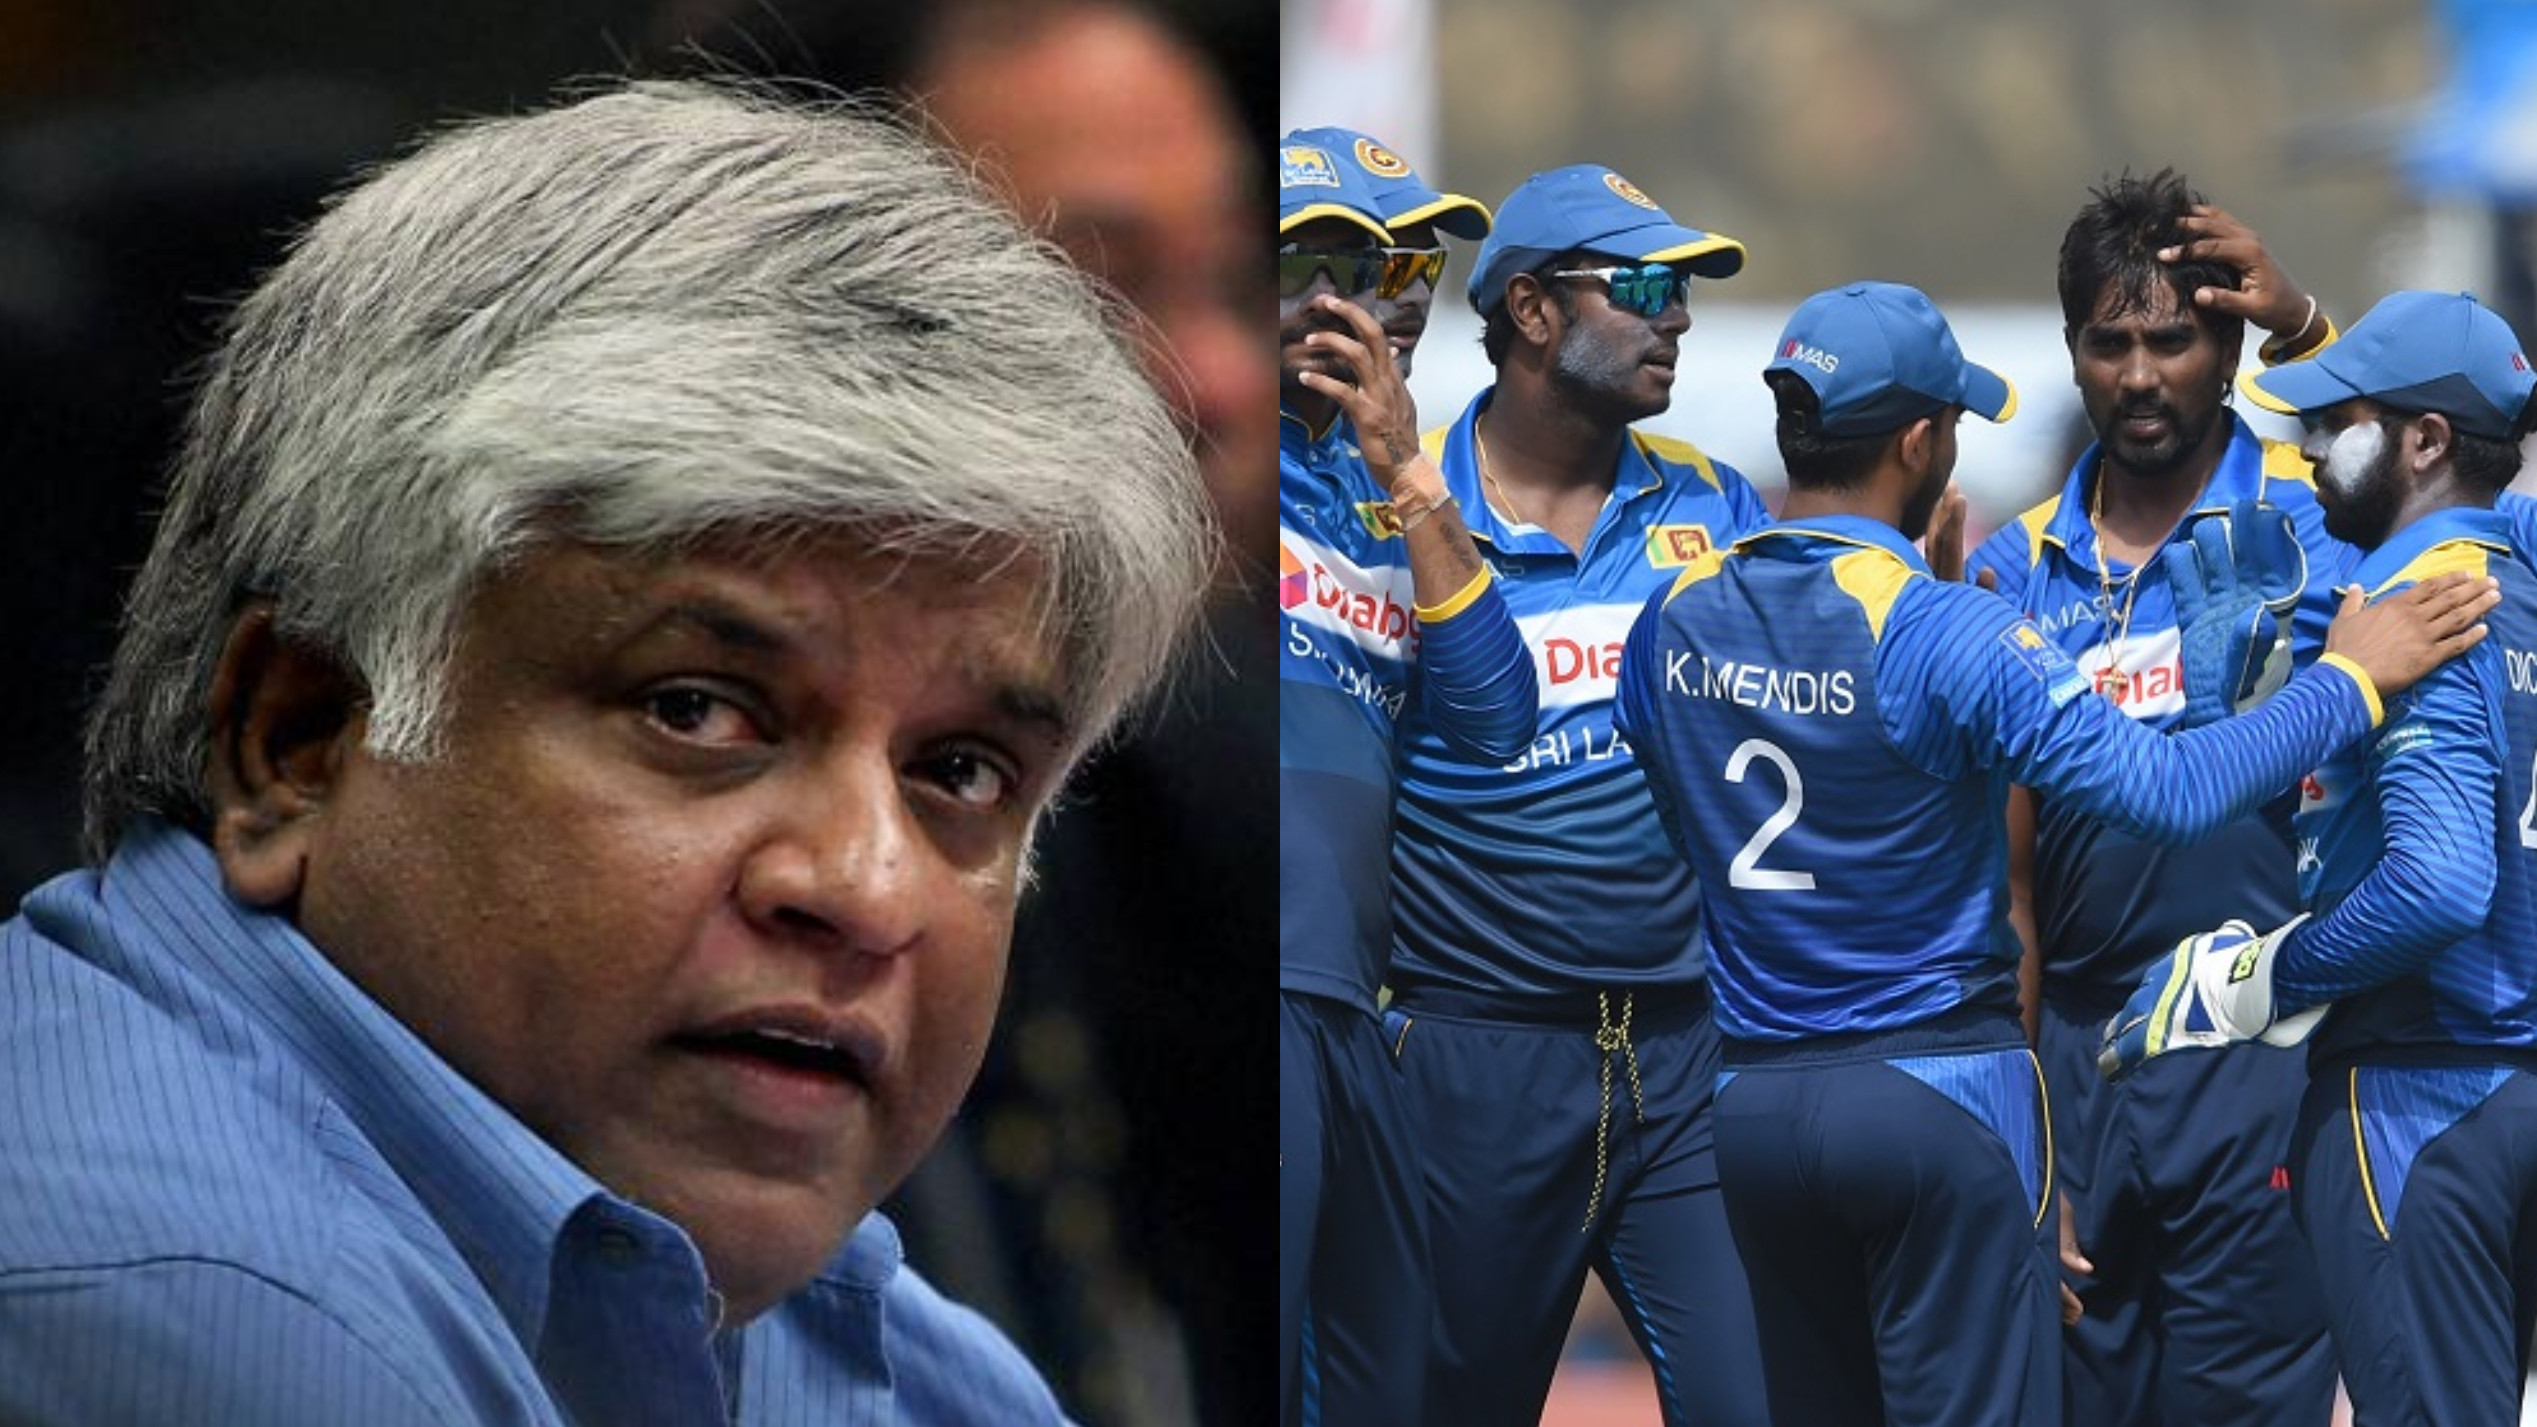 दिग्गज क्रिकेटर अर्जुन रणतुंगा ने आगामी विश्व कप में श्रीलंका के लिए की ये भविष्यवाणी